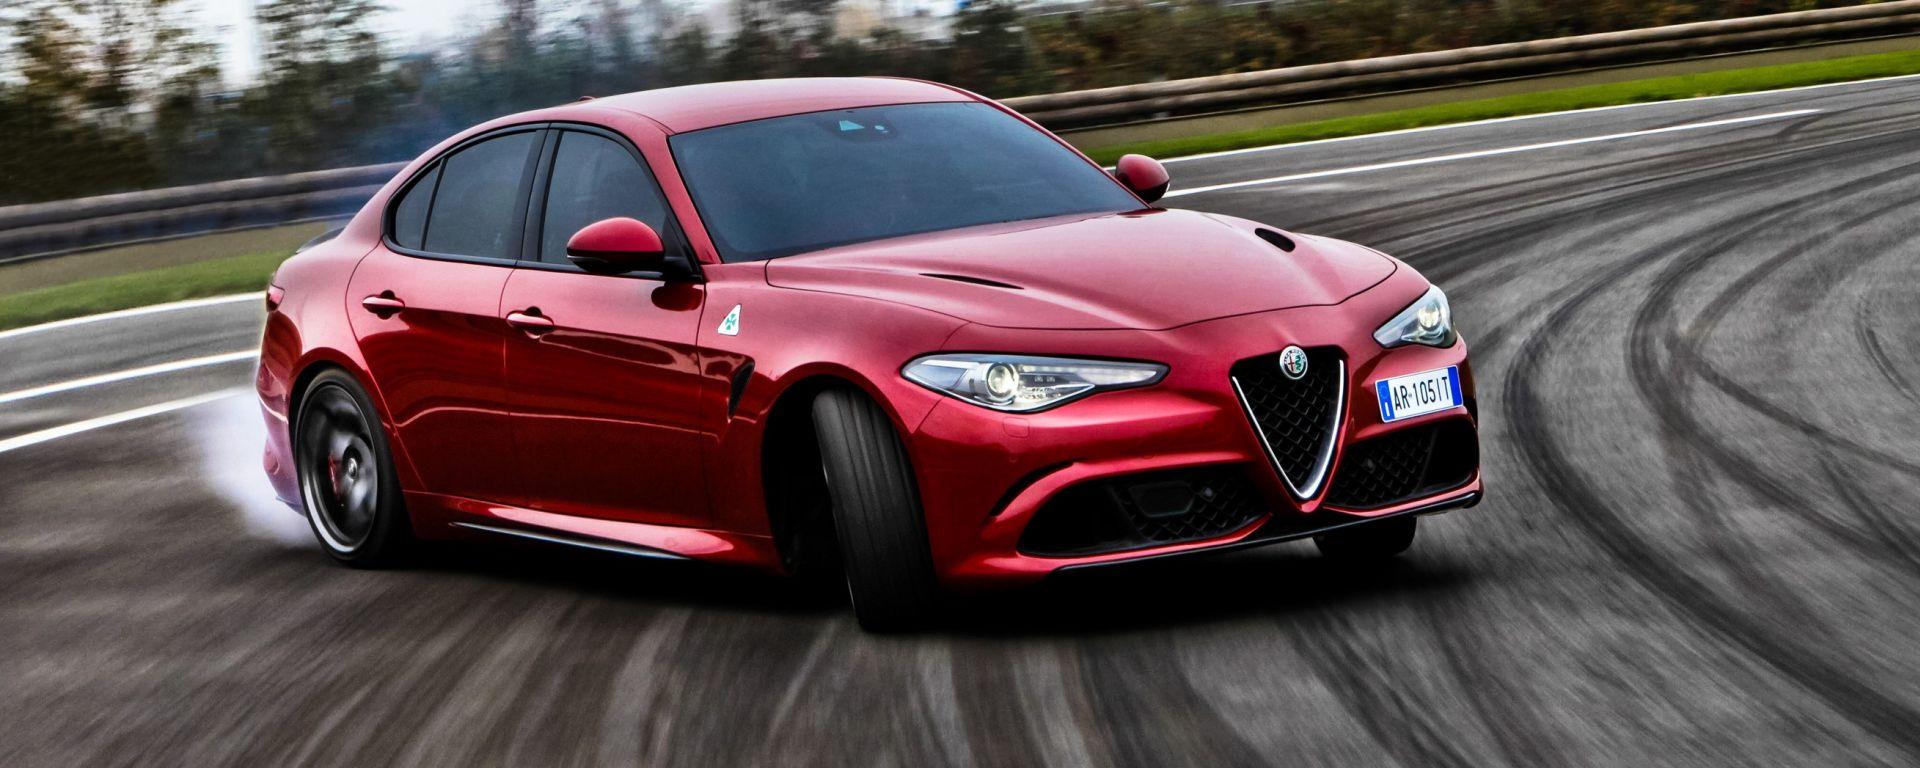 Alfa Romeo Giulia Quadrifoglio: test drive in pista